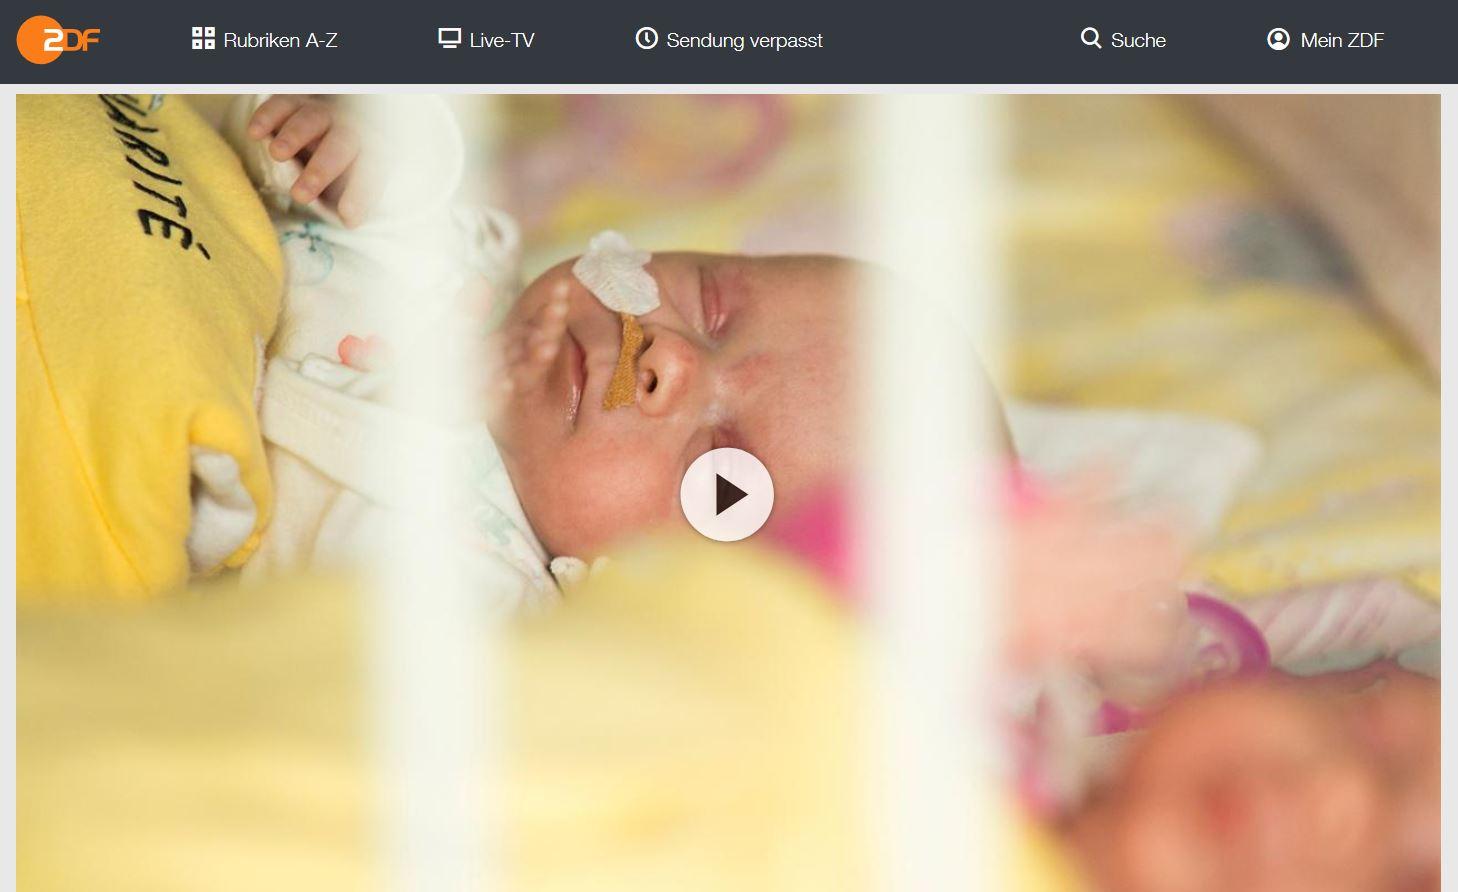 ZDF-Doku: Eine Handvoll Hoffnung - Frühchen kämpfen sich ins Leben | 37 Grad